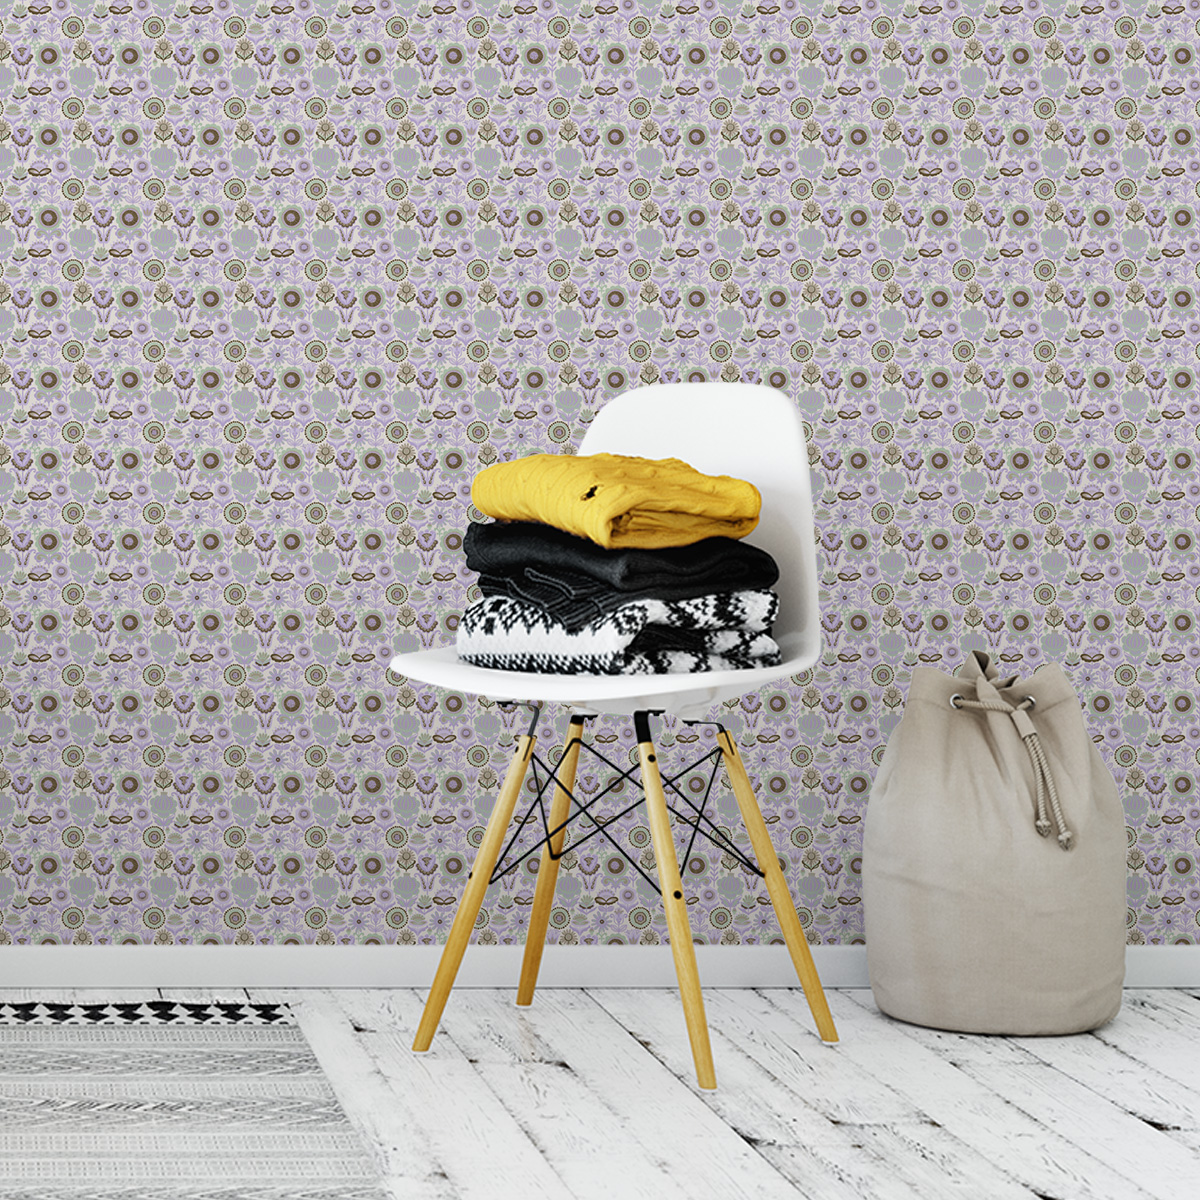 """Tapete für Büroräume grün: Mint grüne nostalgie Blüten Tapet """"Fiore della nostalgia"""", Vlies Tapete Blumen, folklore Blumentapete für Flur, Büro"""